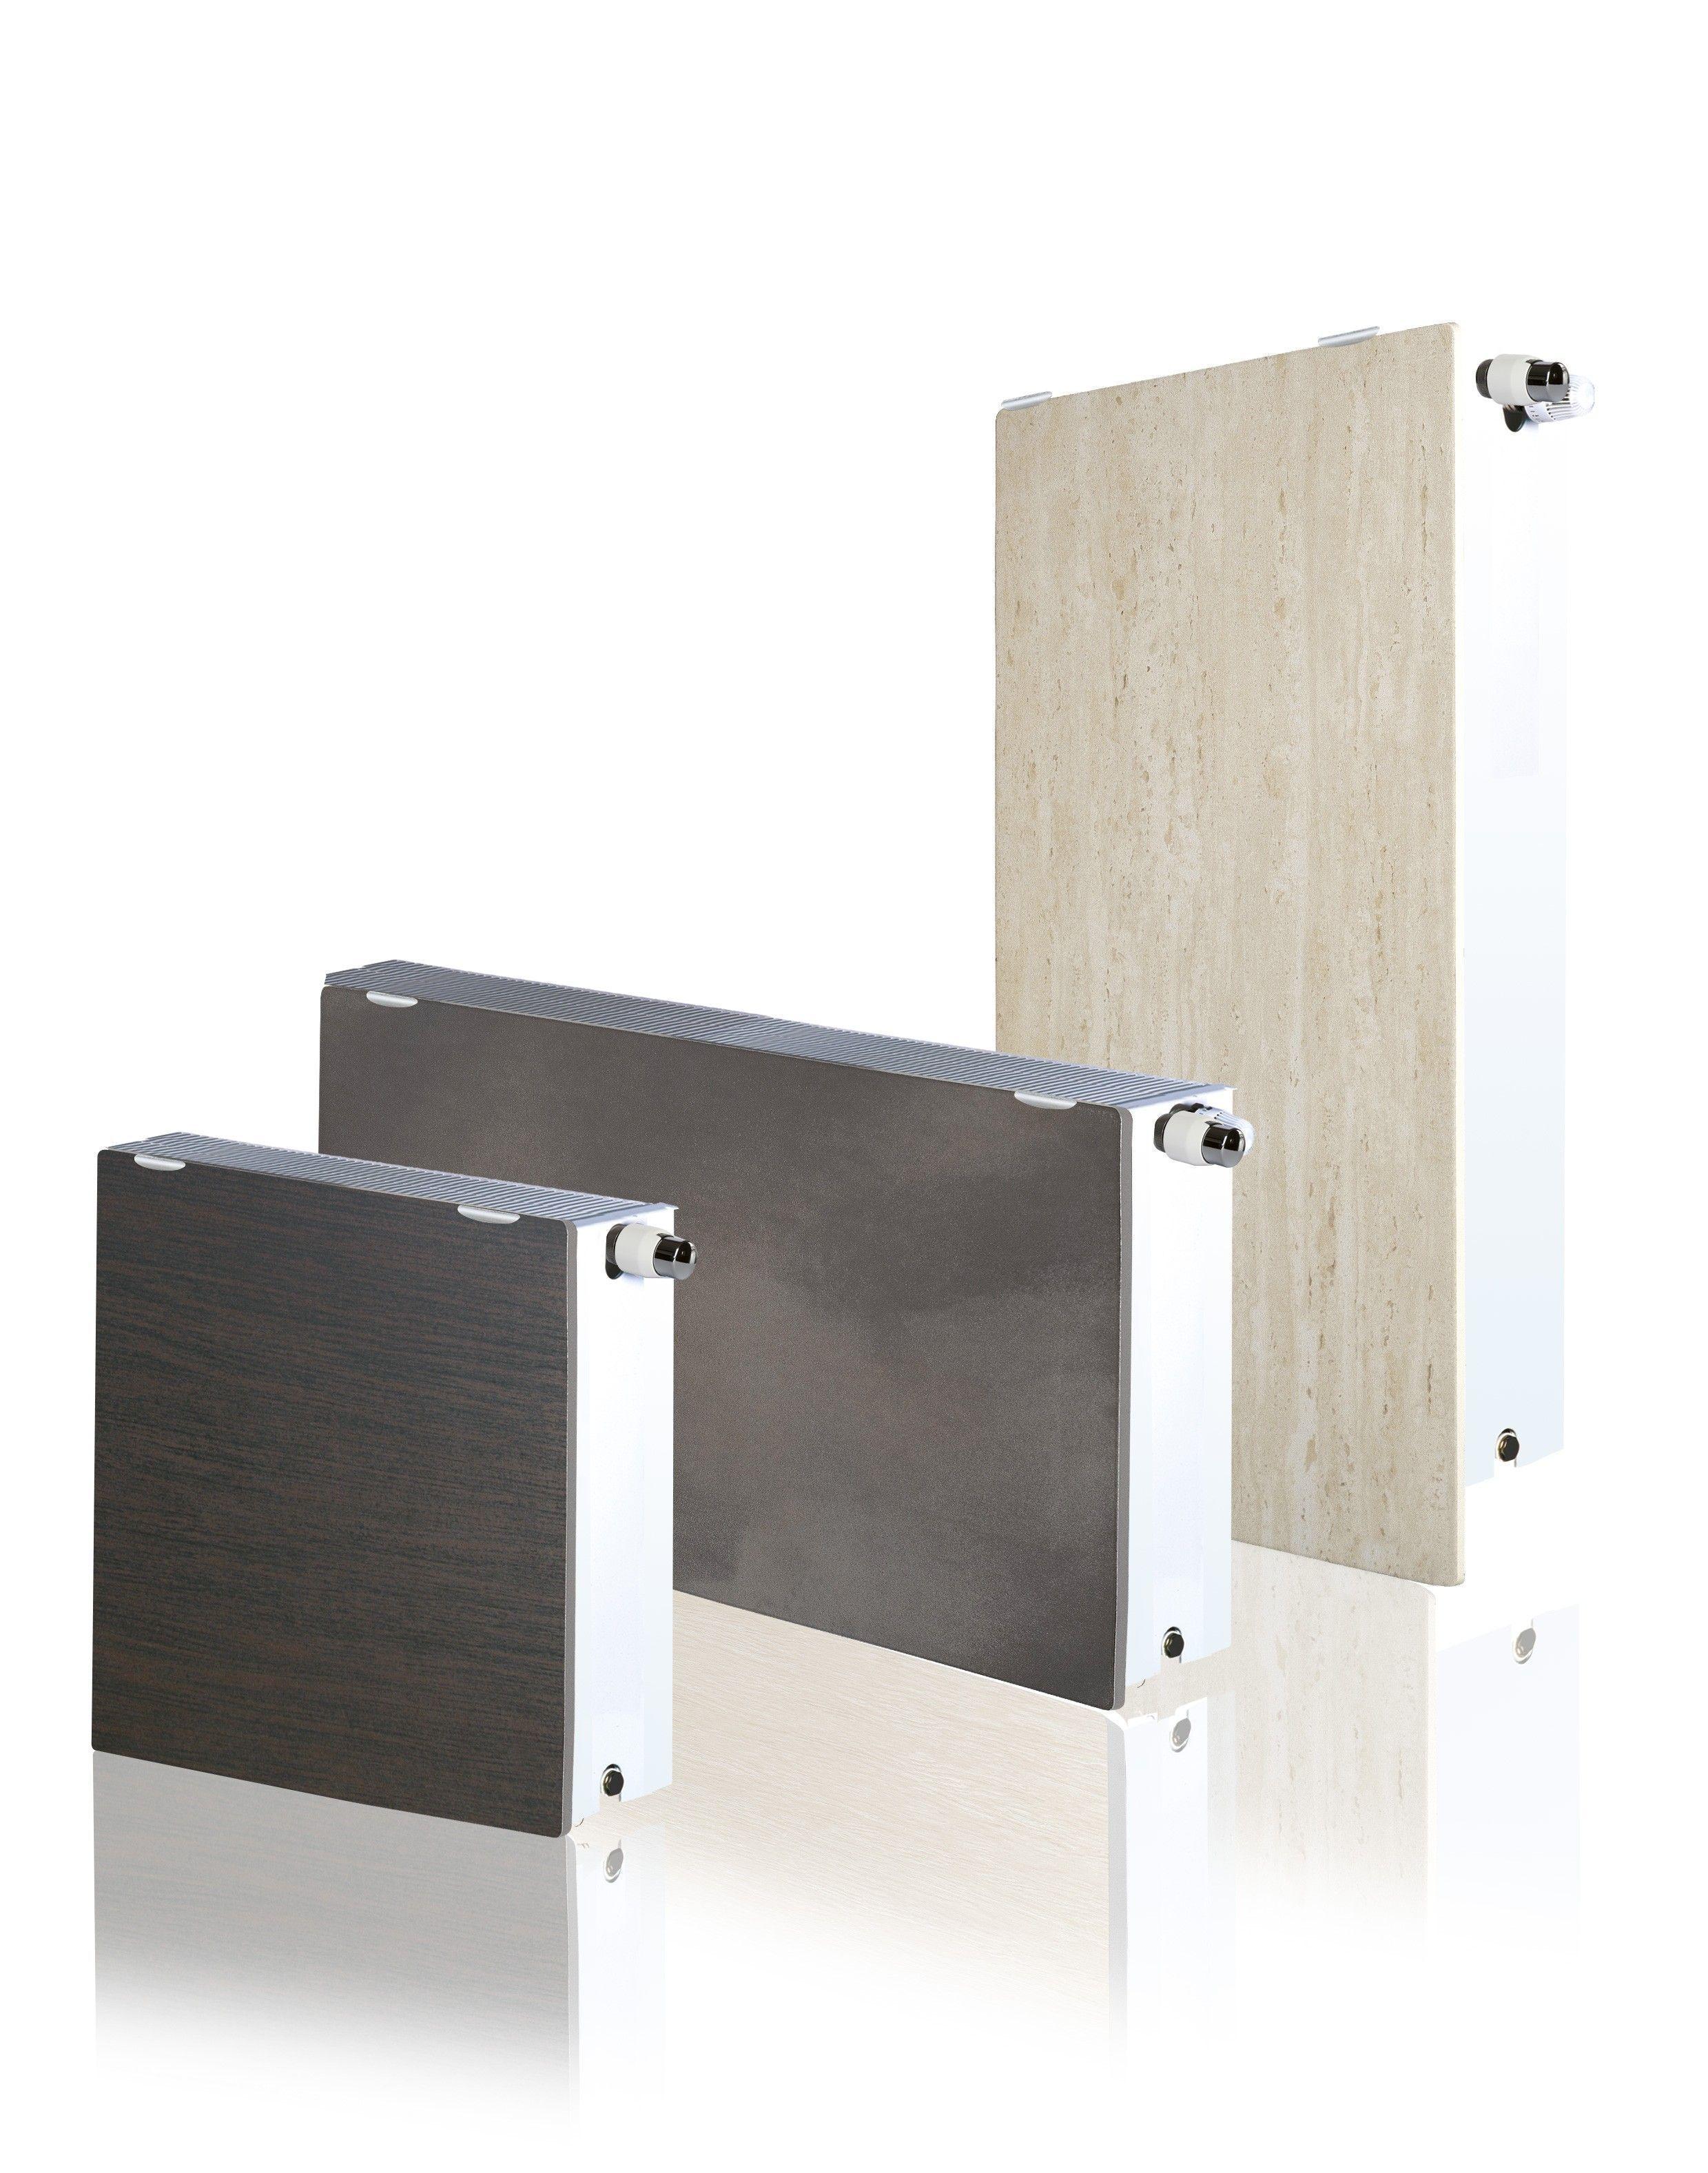 Precio radiadores de agua good radiador aluminio europa - Precio de radiadores de aluminio ...